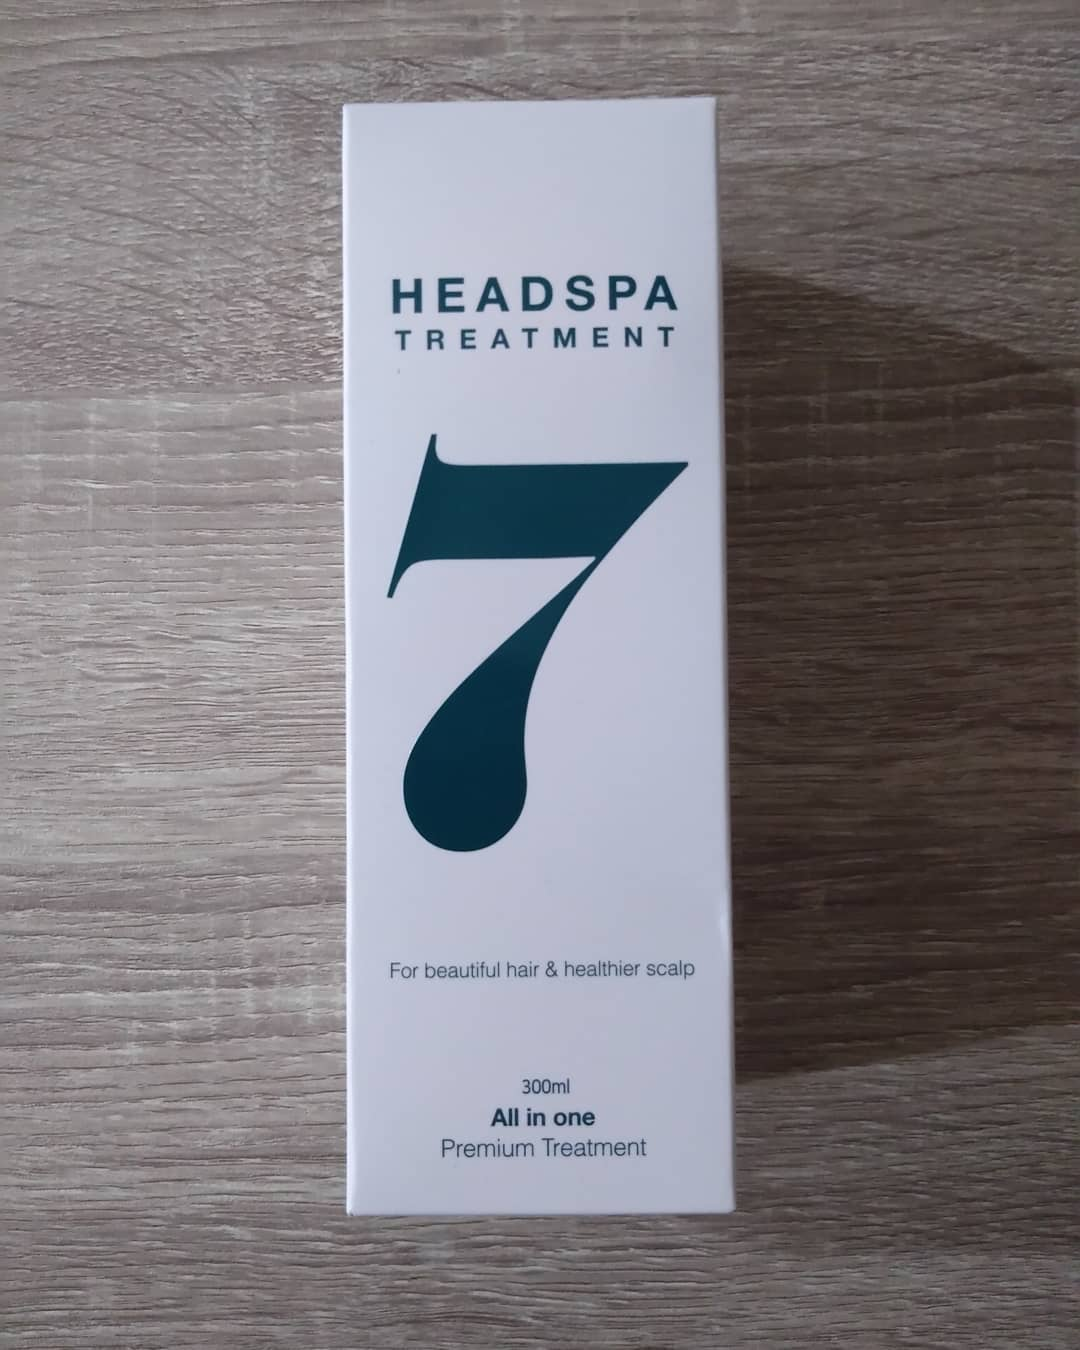 口コミ投稿:ヘッドスパセブン トリートメント7秒で実感できる頭皮のためのトリートメントです🌼…